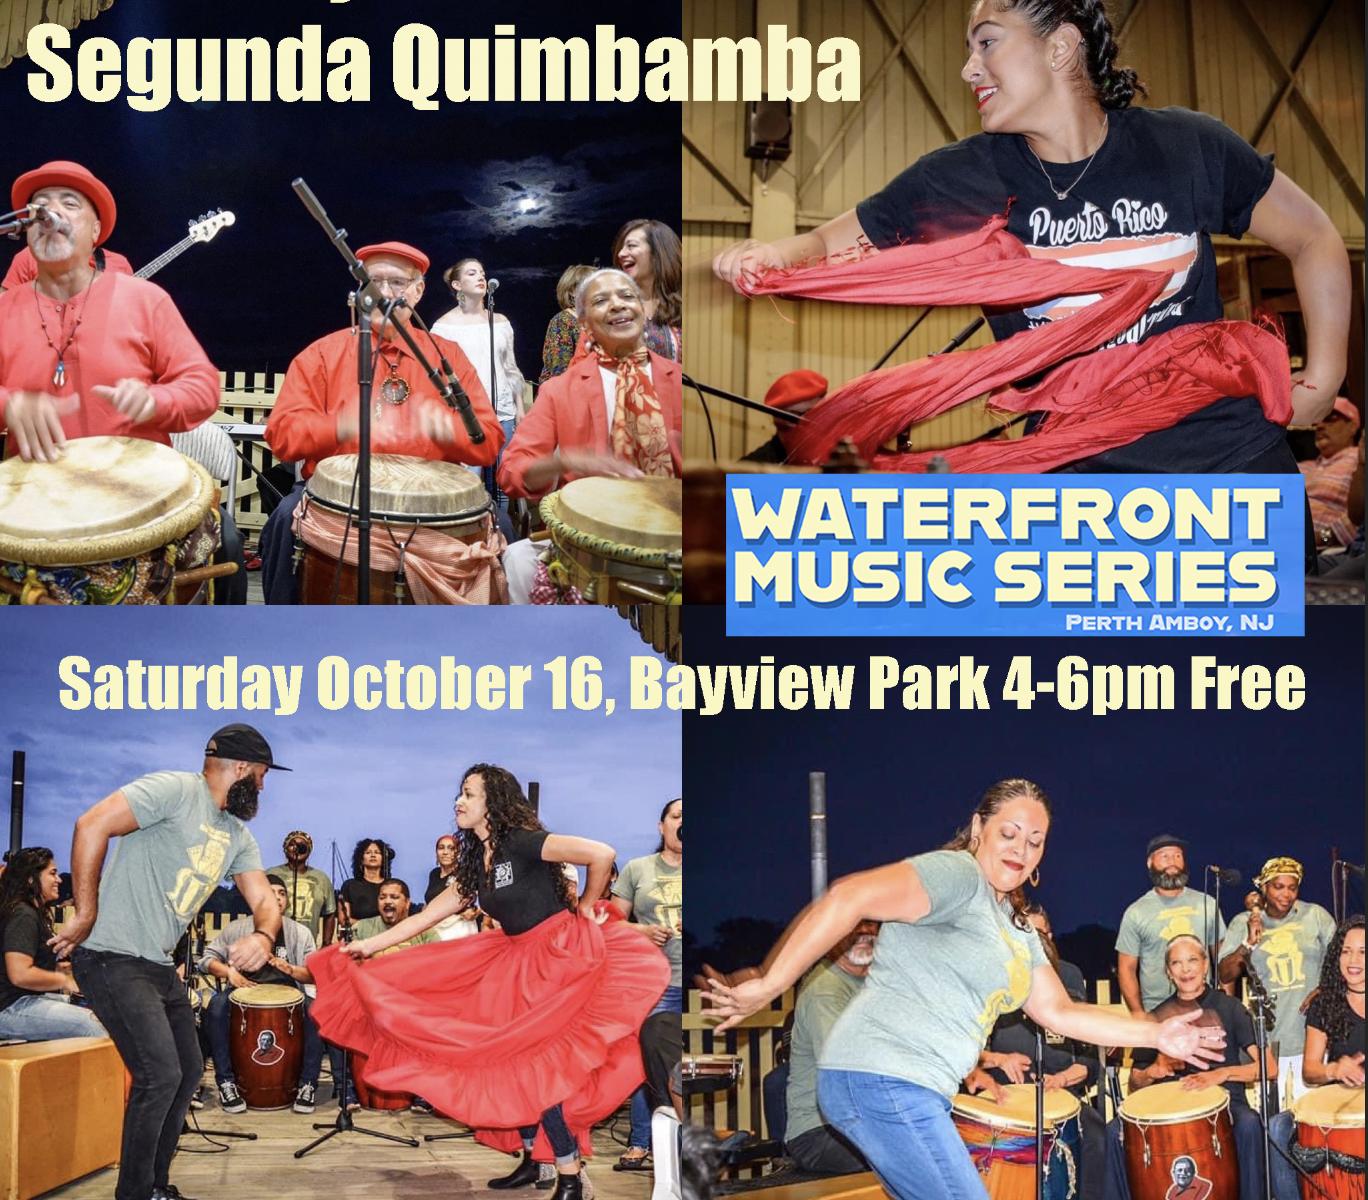 Segunda Quimbamba in Perth Amboy Waterfront music Series